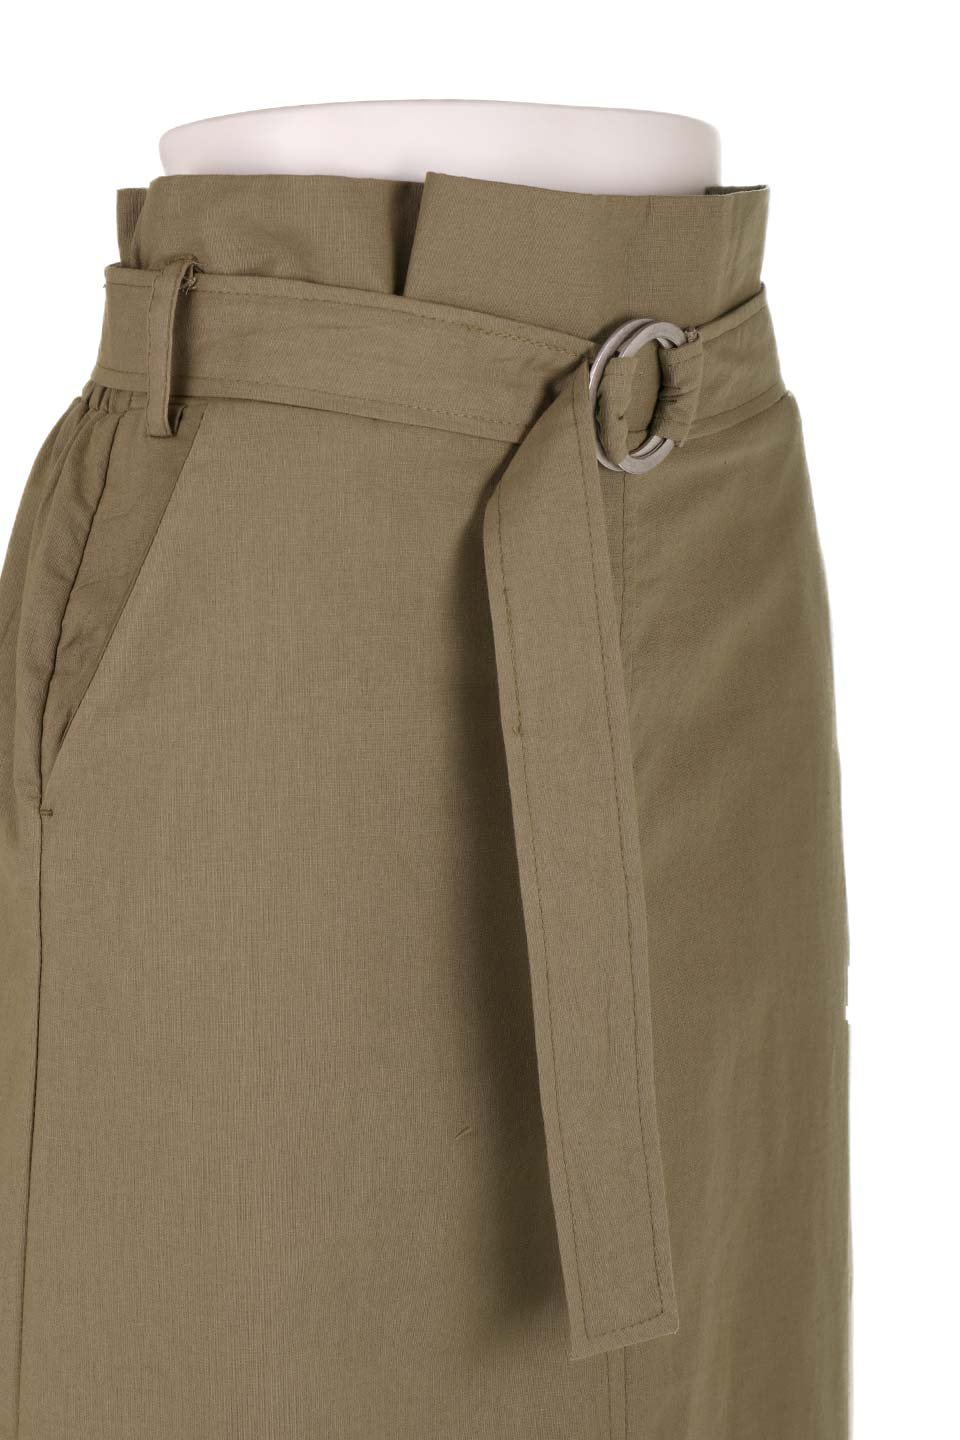 RingBeltCanvasSkirtリングベルト付キャンバススカート大人カジュアルに最適な海外ファッションのothers(その他インポートアイテム)のボトムやスカート。リングベルトが付属したキャンバス地のスカート。足長効果抜群のハイウエストタイプ。/main-19